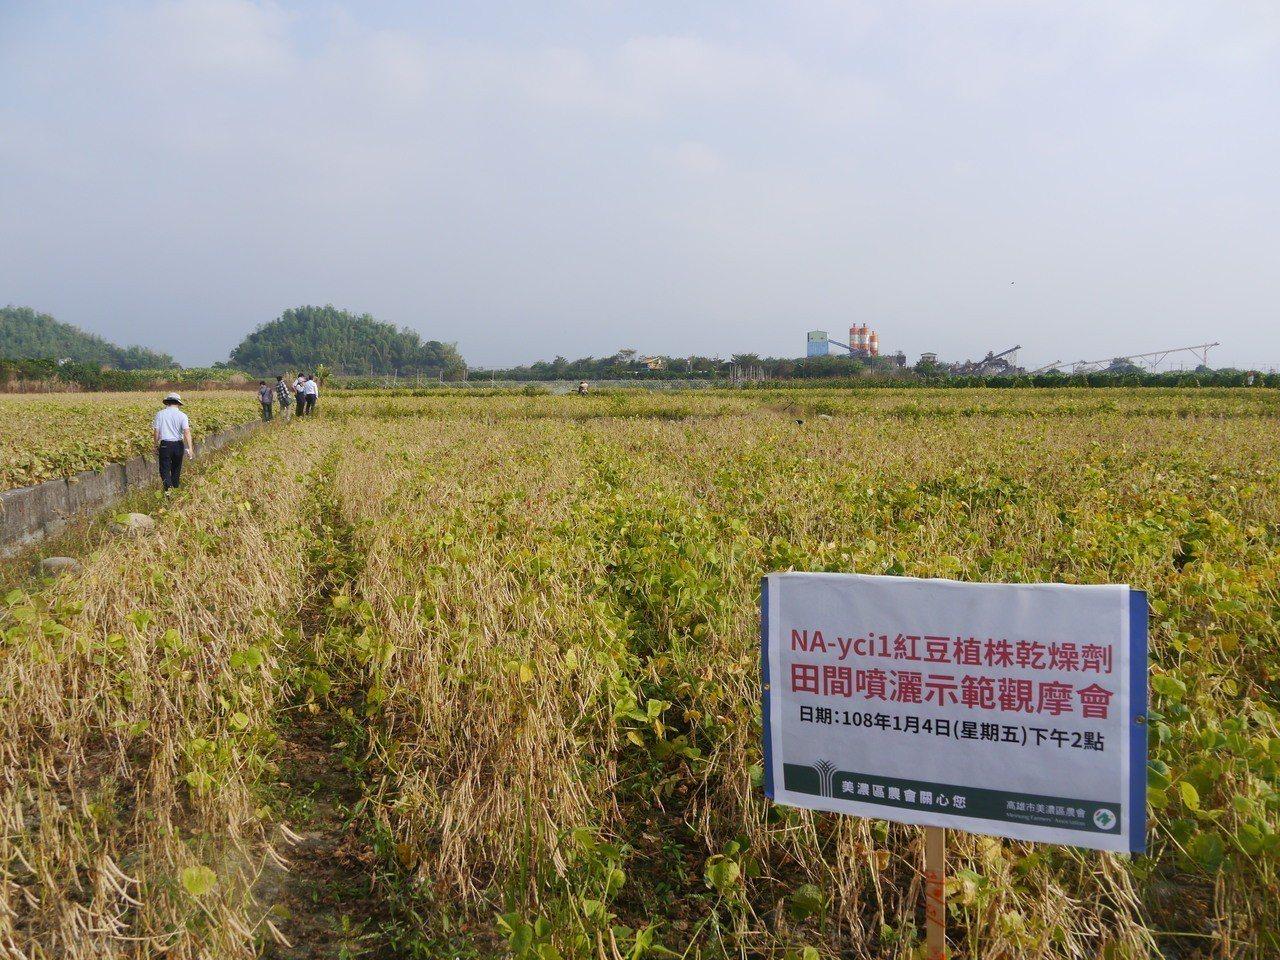 高雄美濃紅豆種植面積1200公頃,許多農民使用巴拉刈當落葉劑,以後必須改變用藥習...